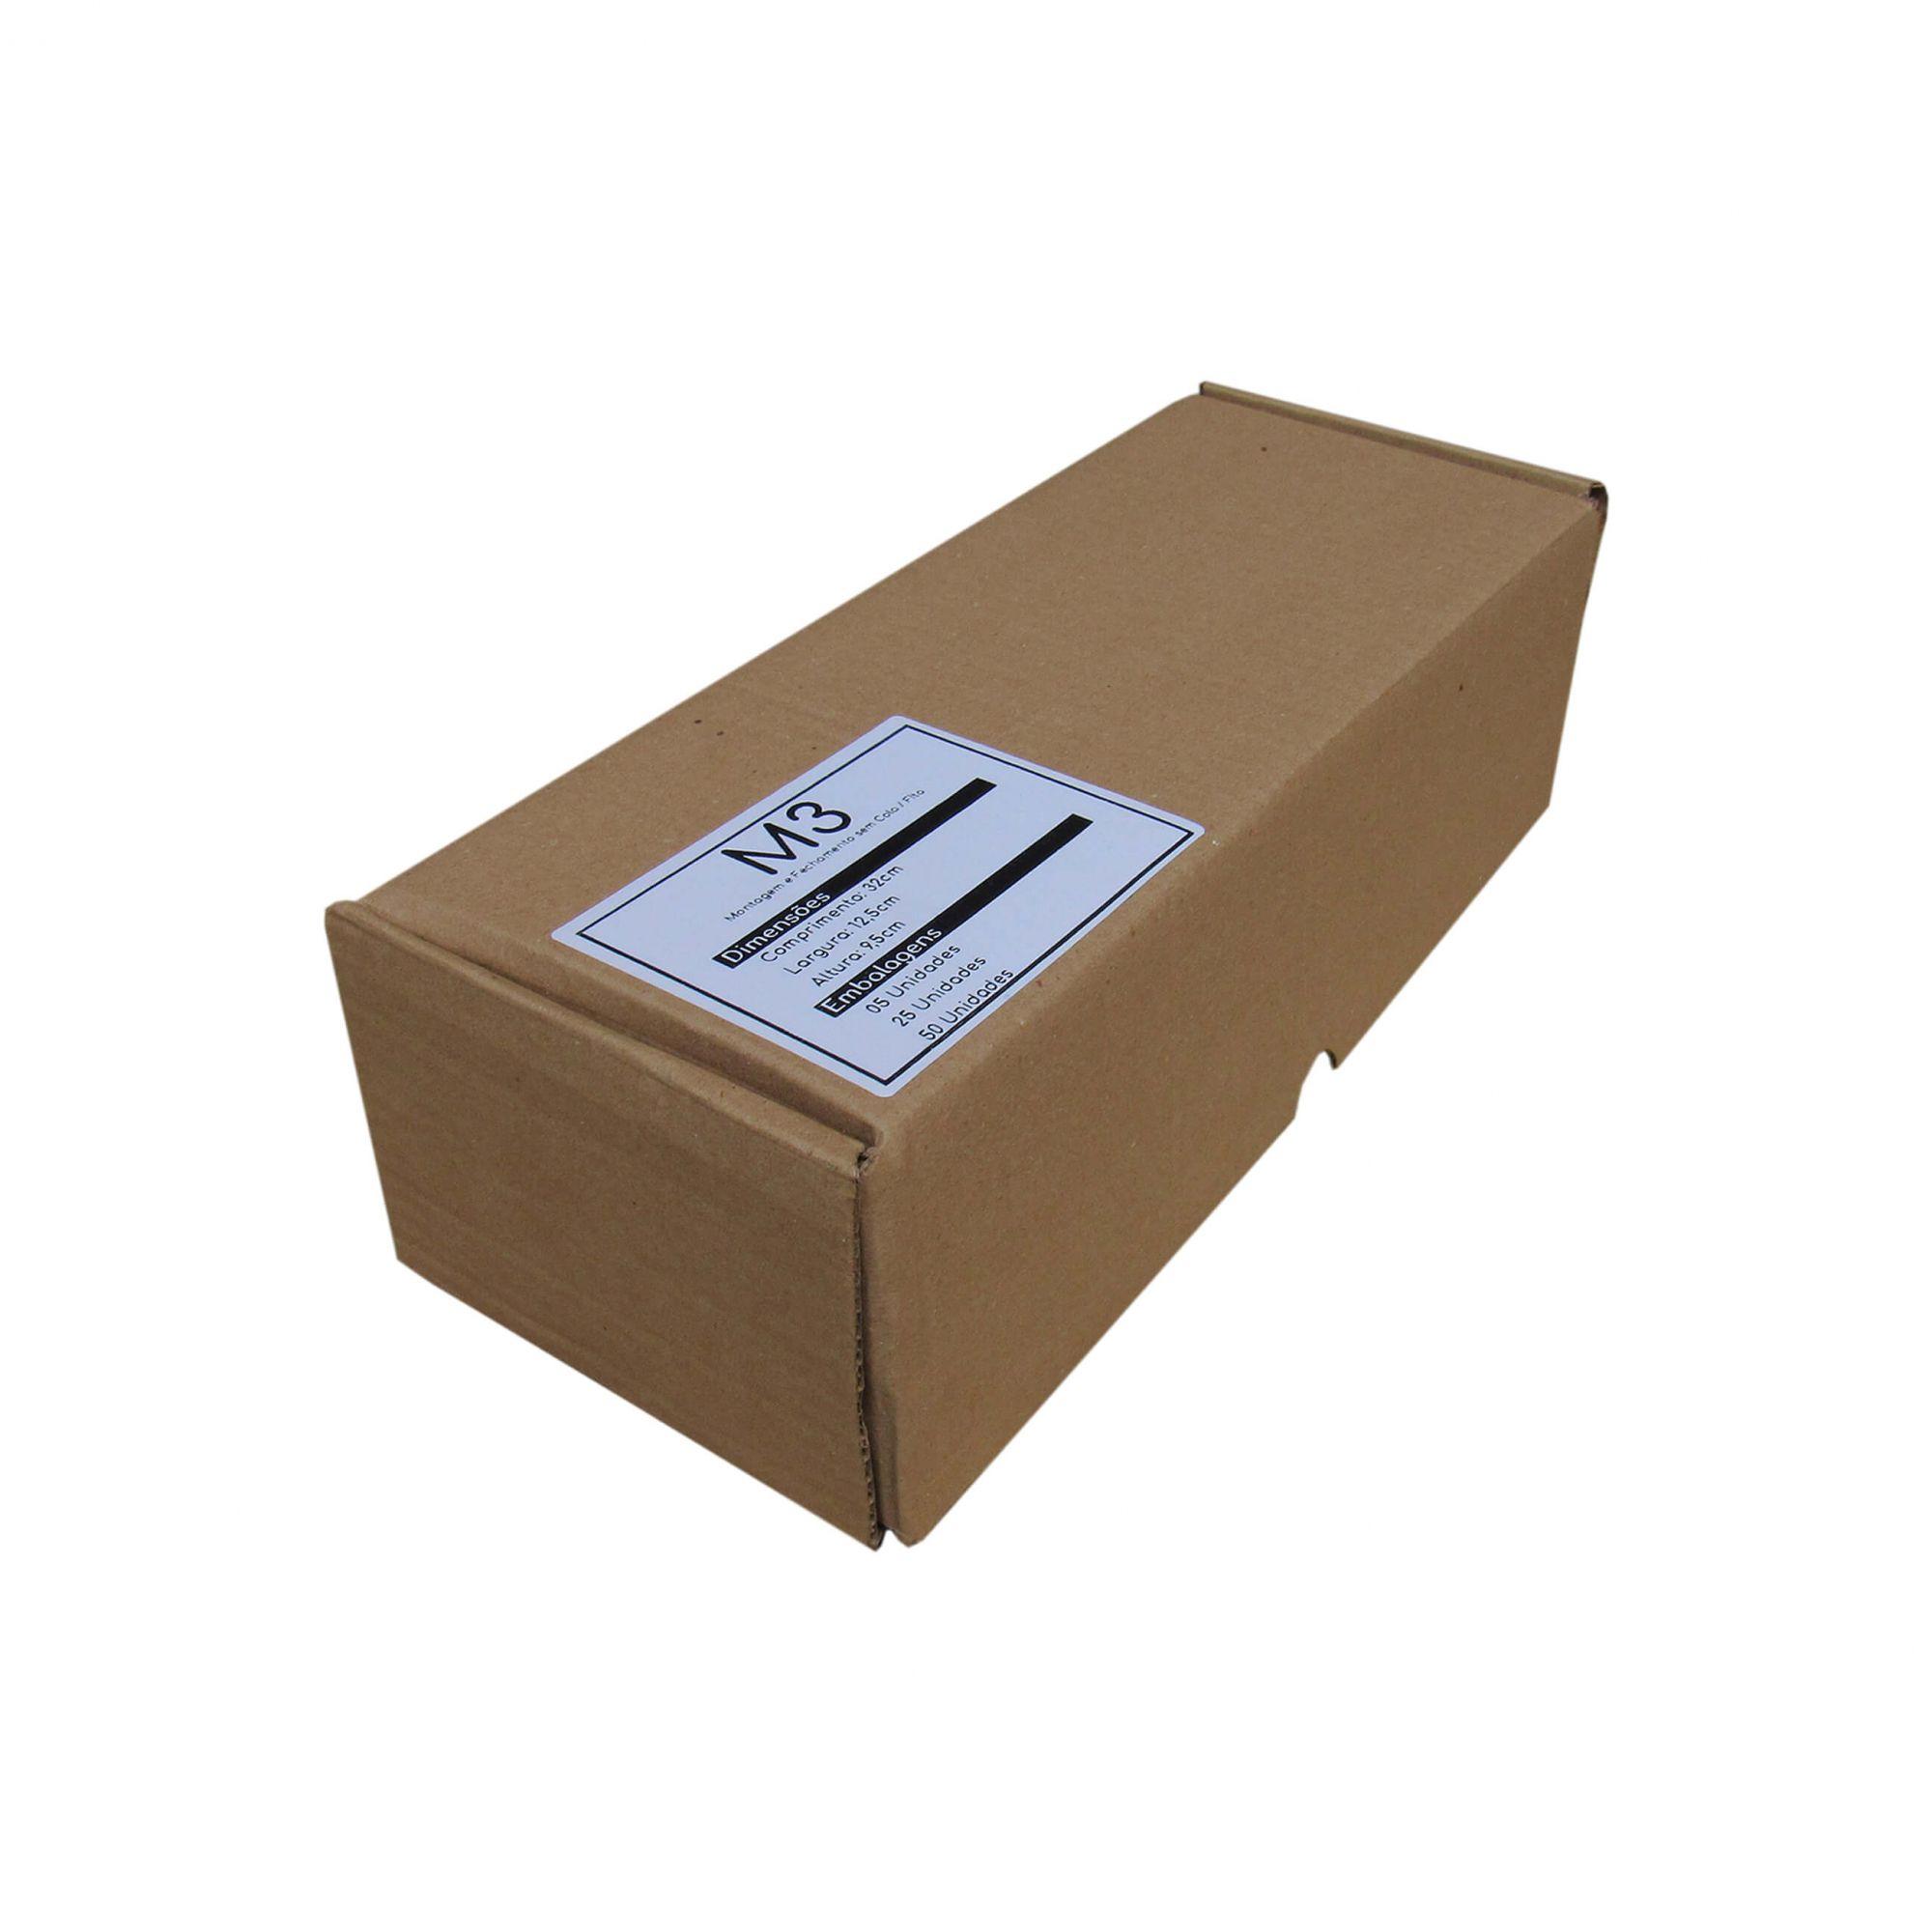 Caixa de Papelão para correios M3 32x13x10cm Marpax 5 un